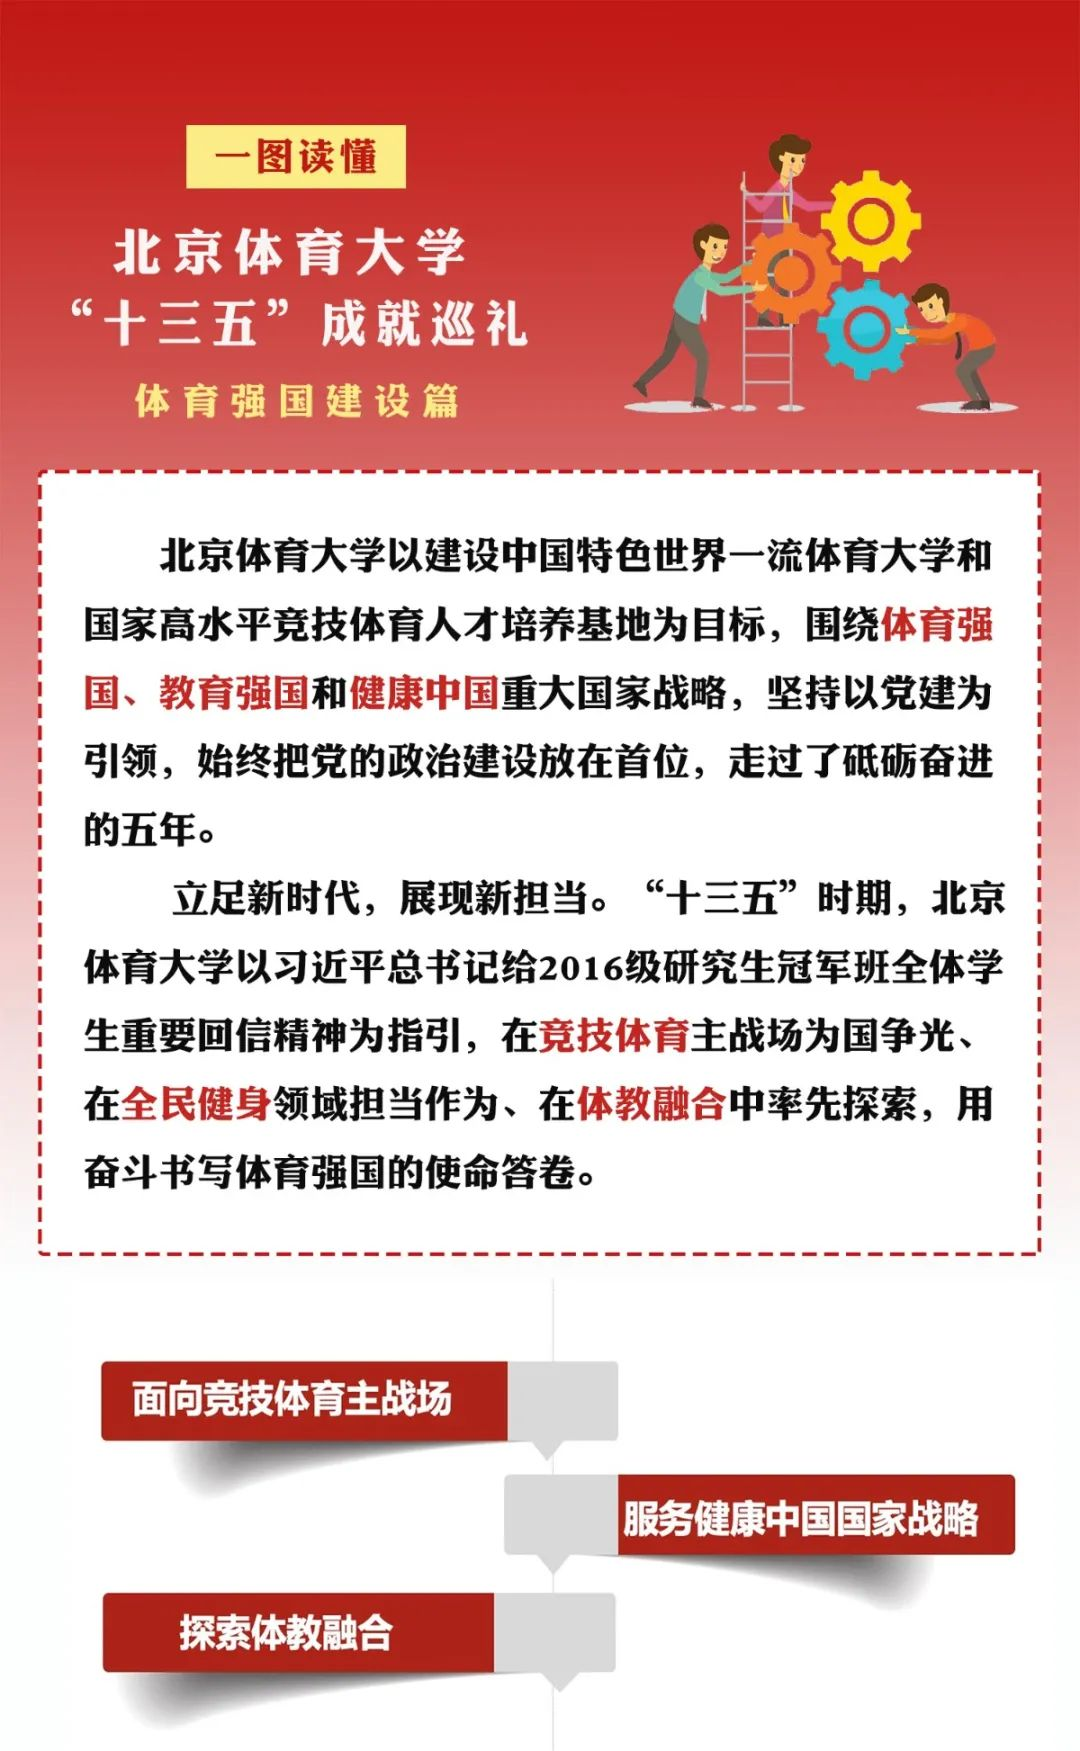 """北京体育大学""""十三五""""巡礼——体育强国建设篇图片"""